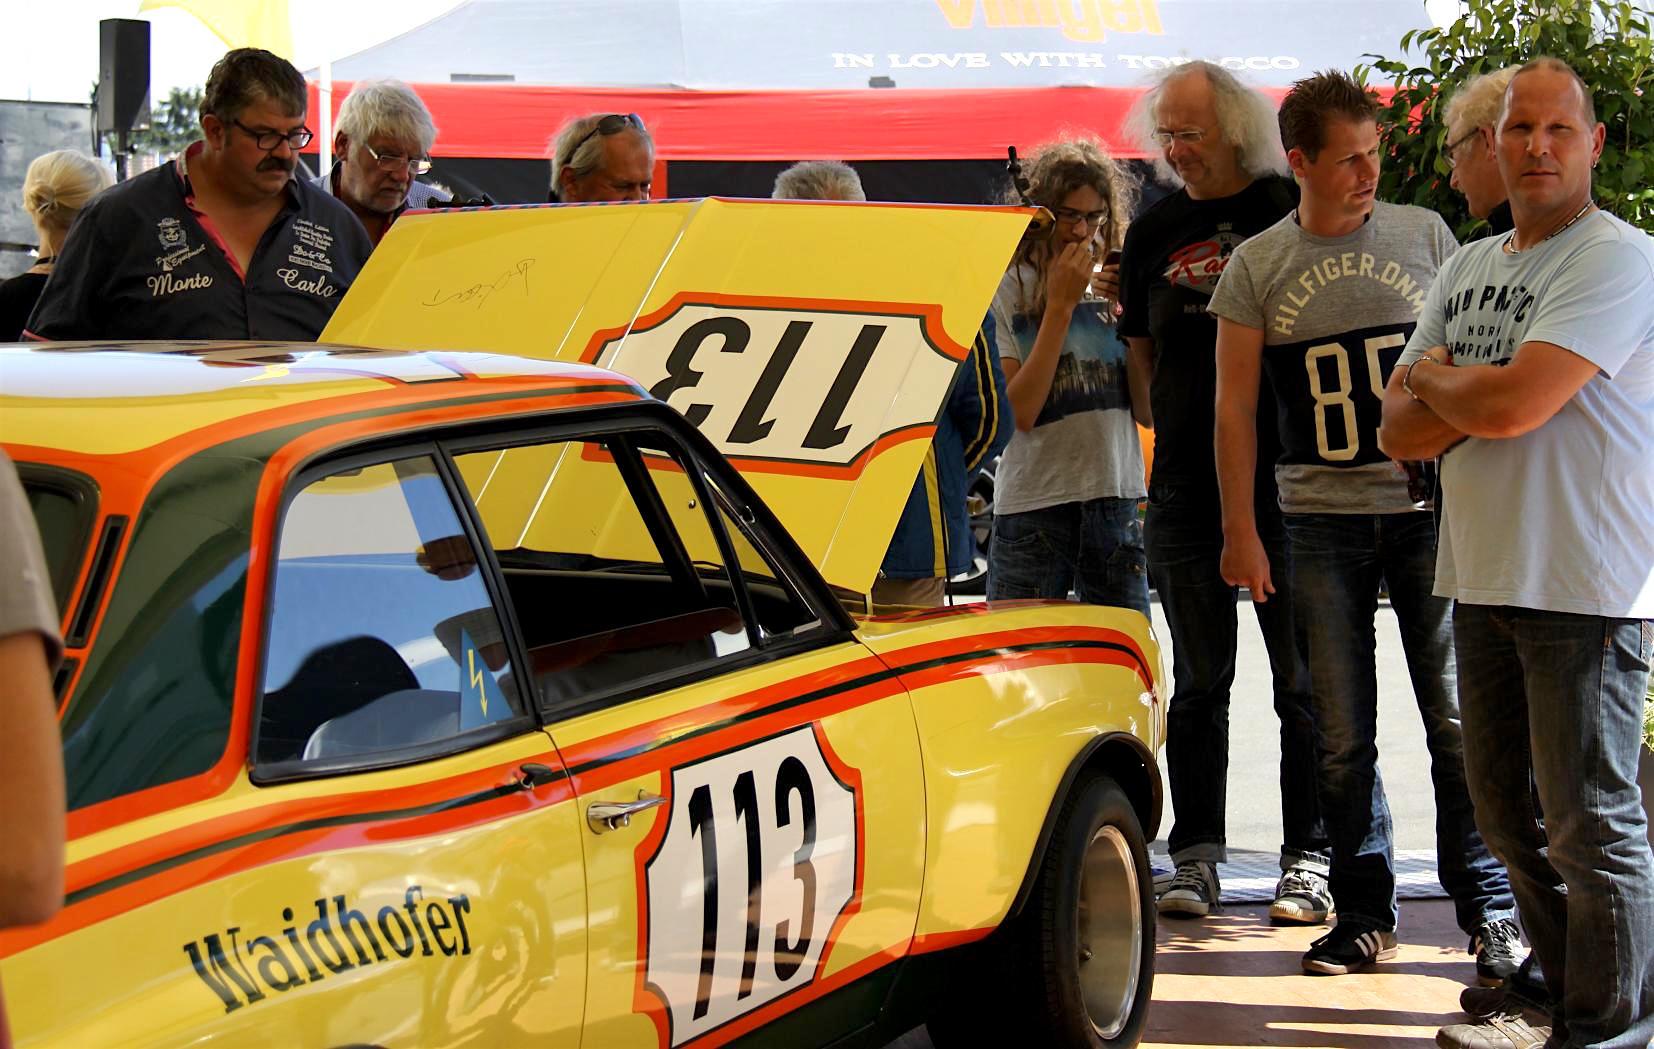 Offene Haube – Menschentraube! Alle wollen das Herz der Gelben Gefahr sehen, den von Klaus Steinmetz getunten Sechszylinder mit Querstromkopf, der sich für einen verbesserten Schwerpunkt tief in den Motorraum duckt.